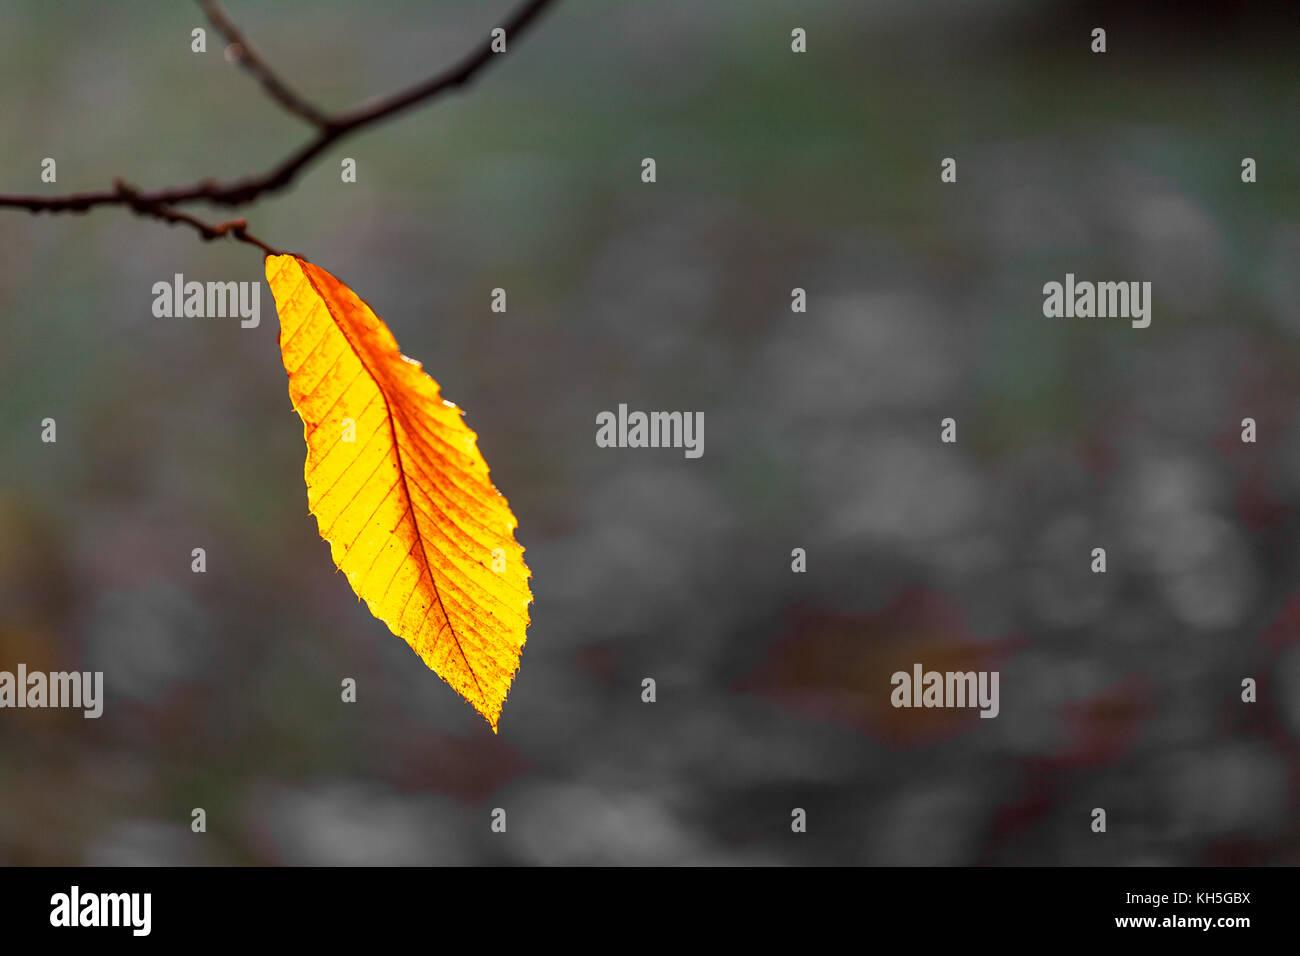 Eichenblätter im Herbst, Rahme,Hintergrund für eine Trauerkarte Stock Photo